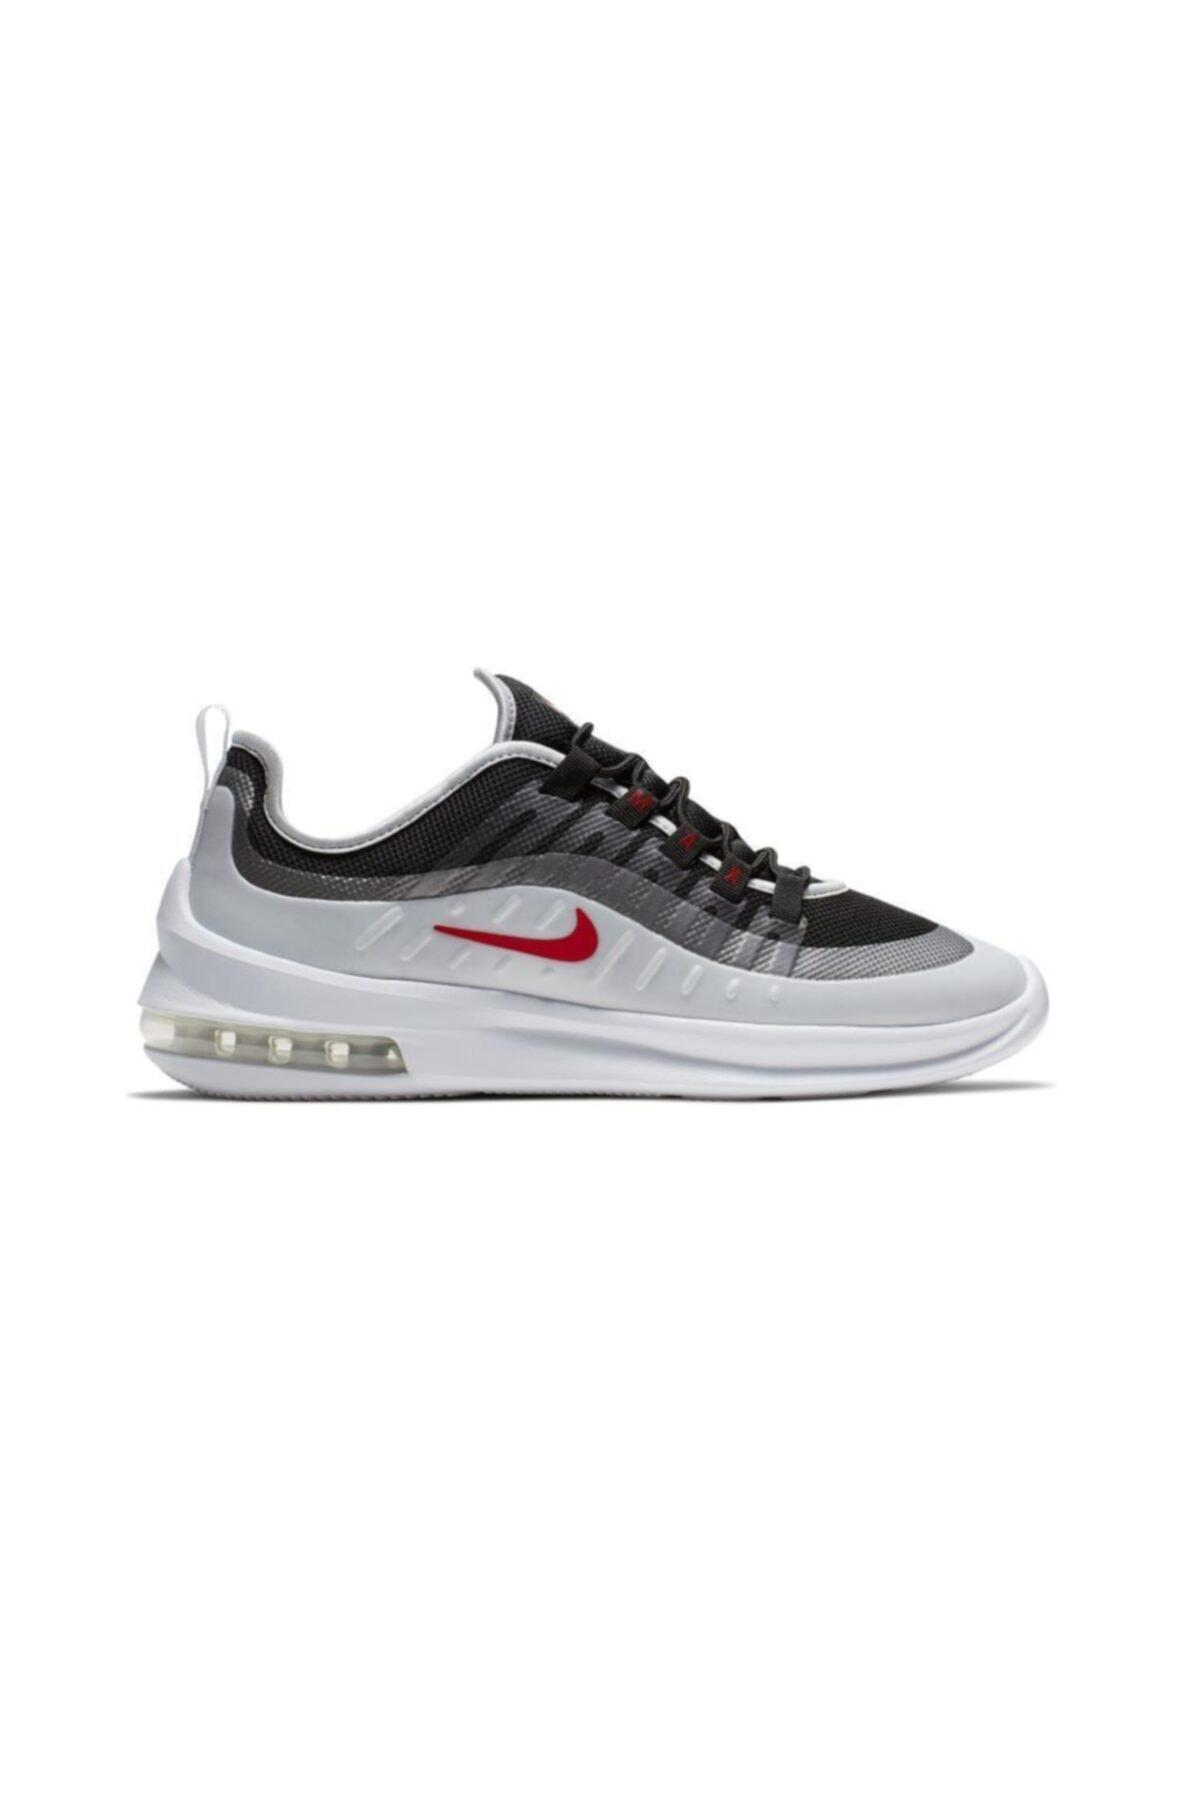 Nike Air Max Axis Erkek Spor Ayakkabı Aa2146-009 1